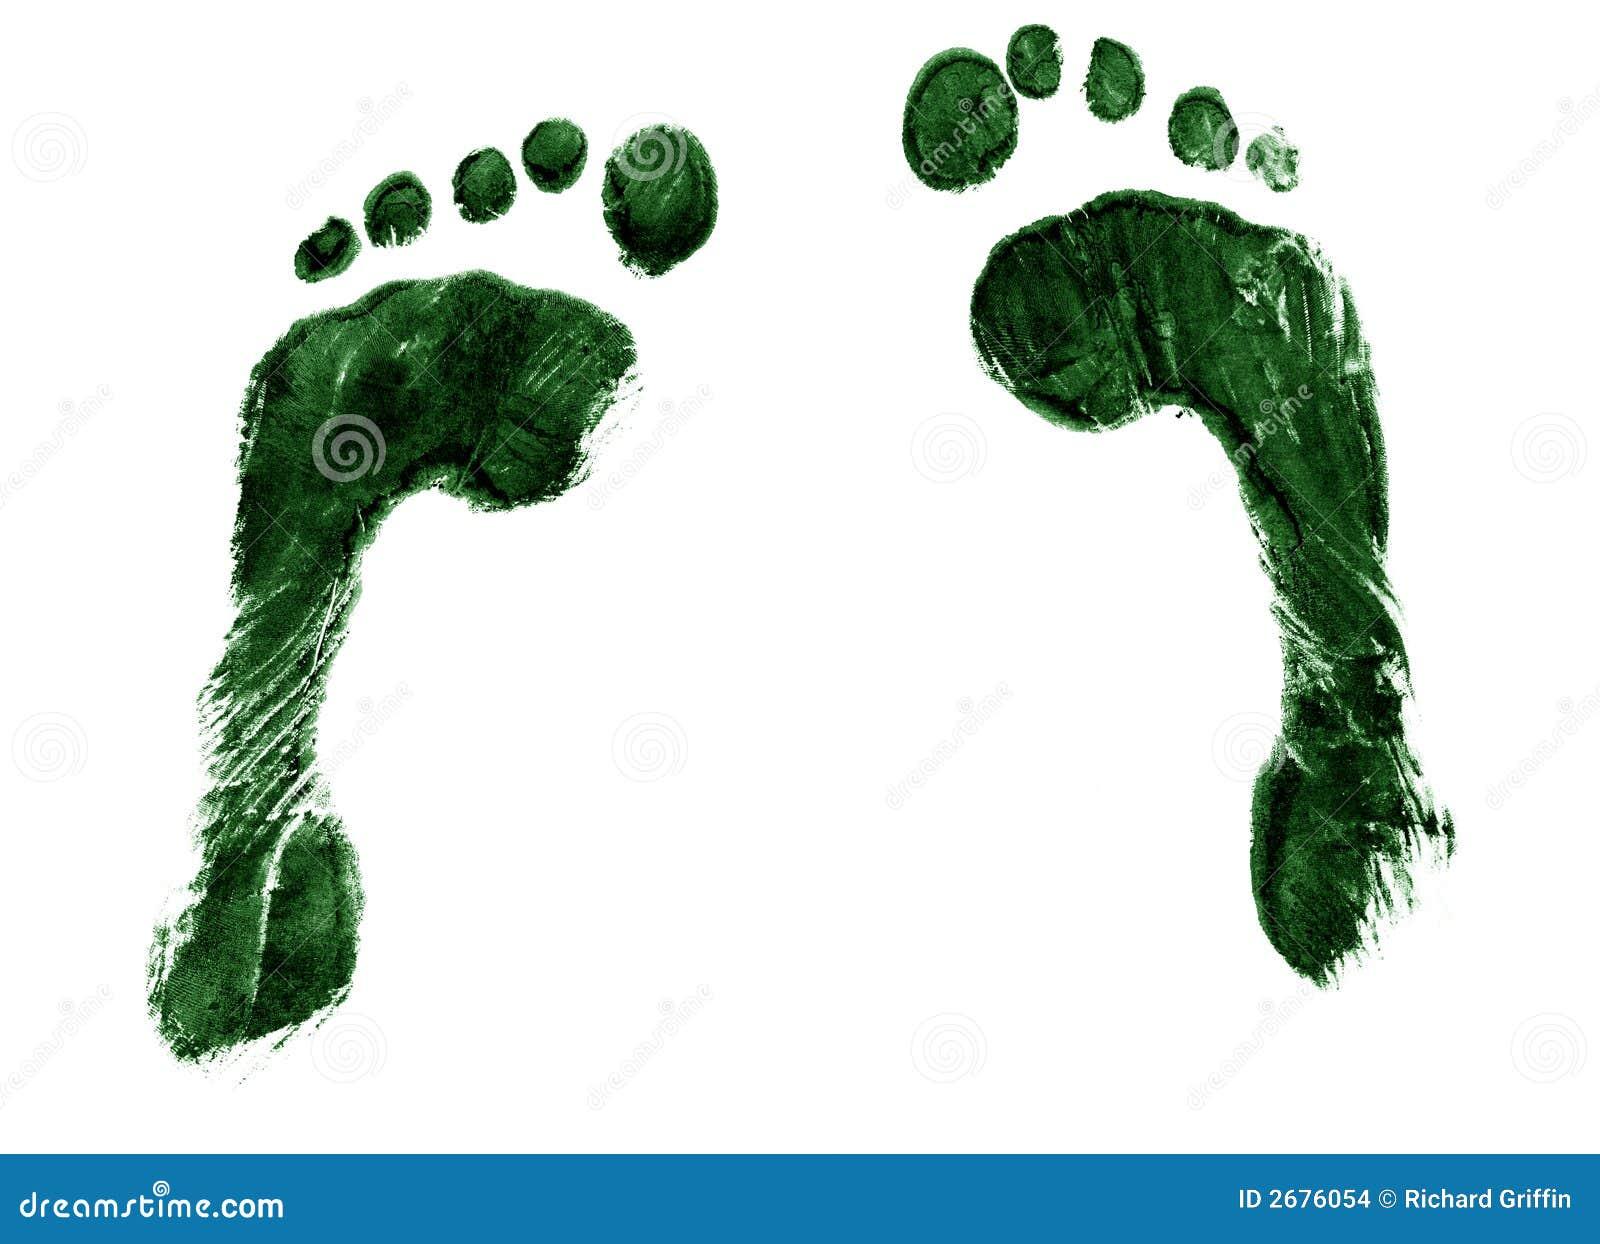 Pair of green footprints